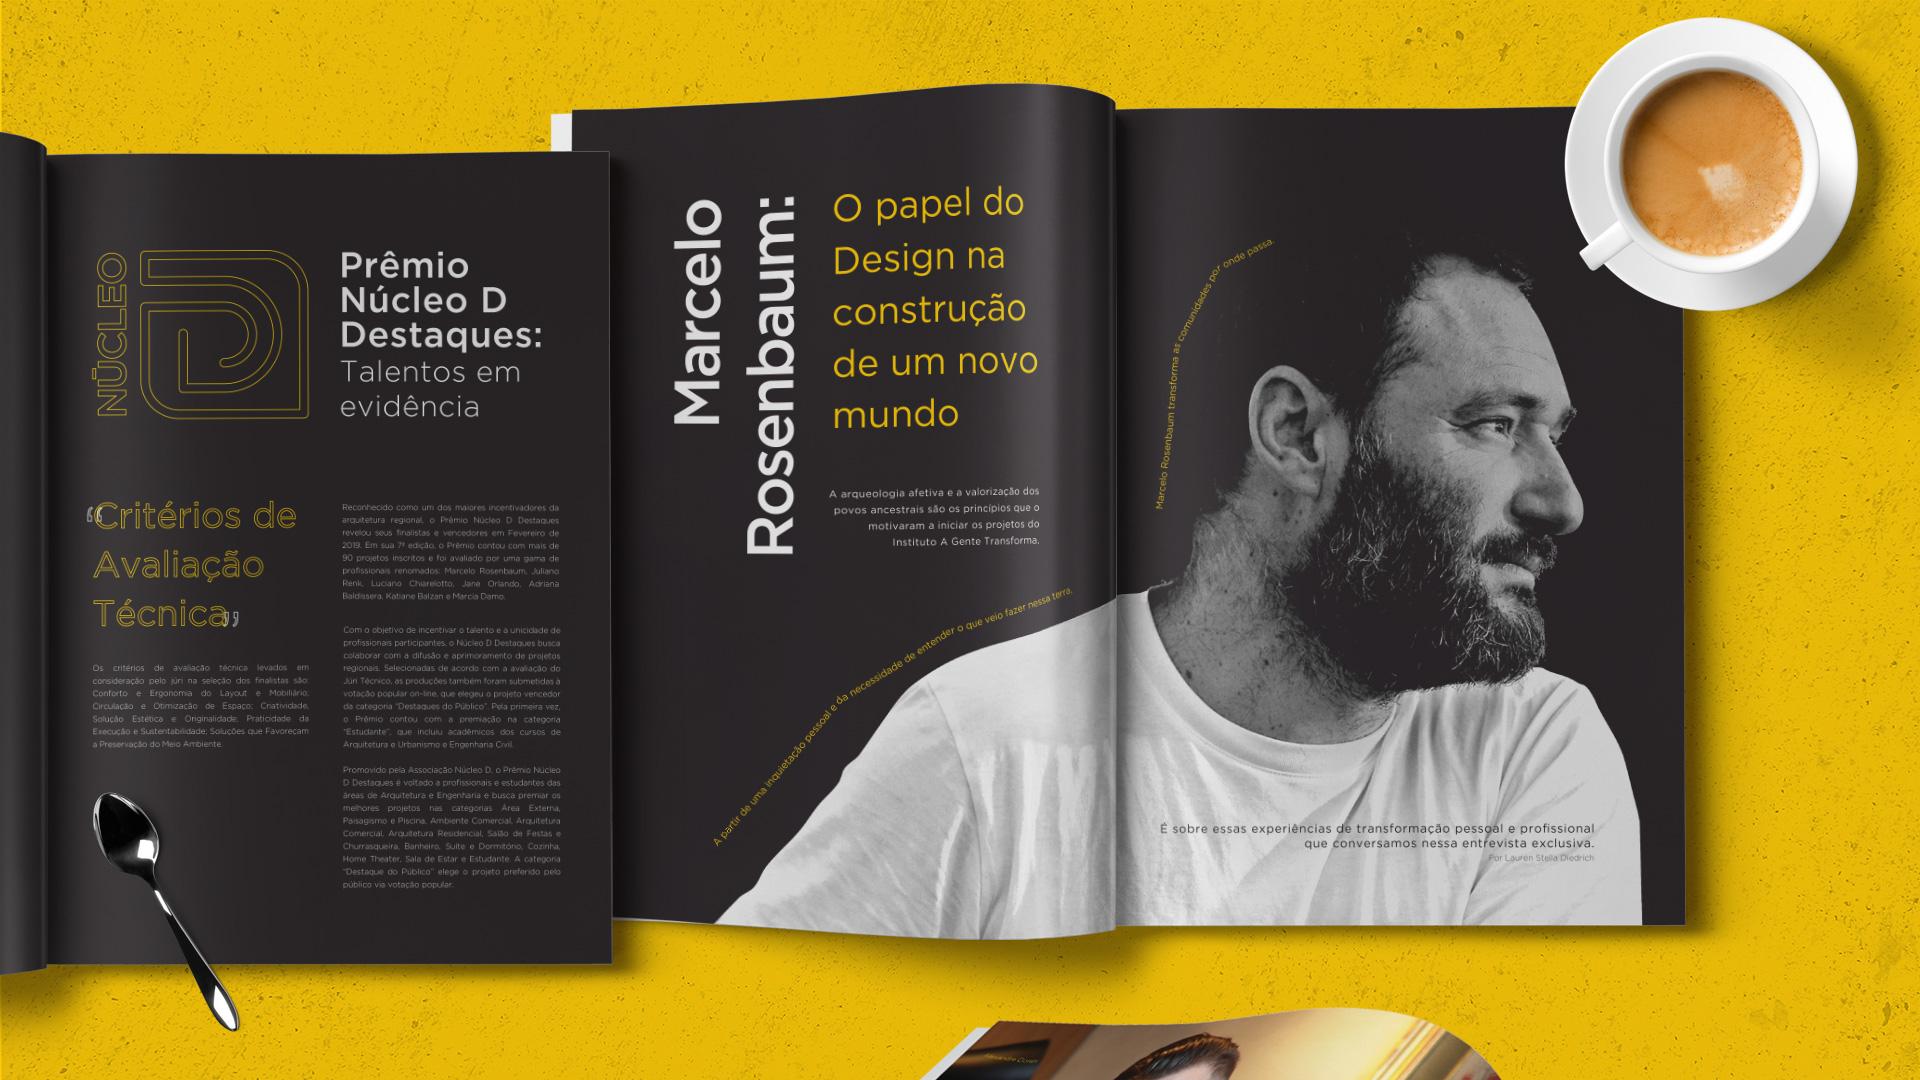 NúcleoD_RevistaLaCasa_02_DossPropaganda.png